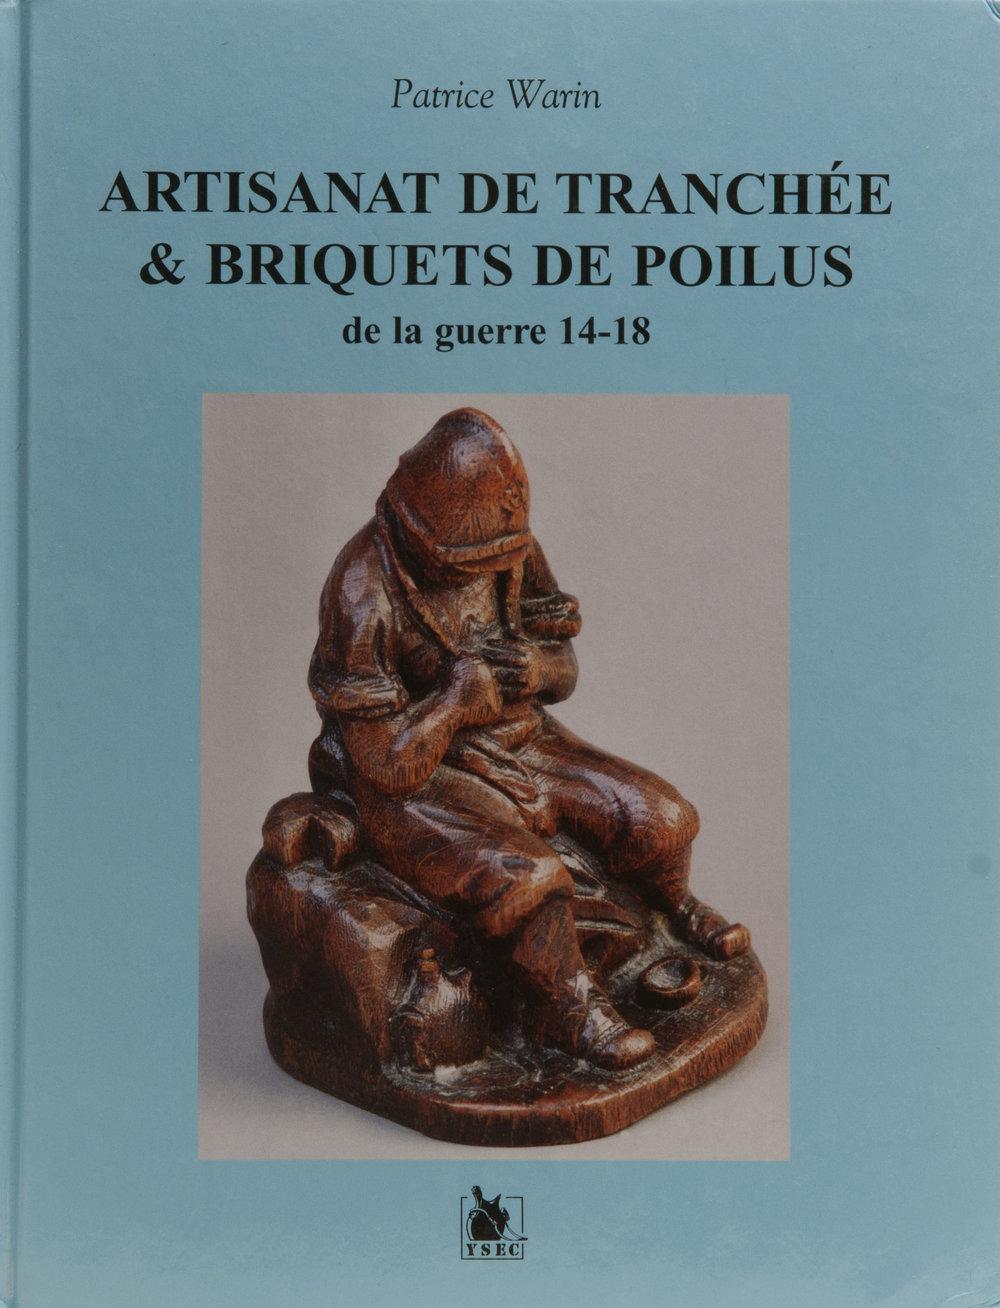 Artisanat De Tranchee & Briquests de Poilus de la guerre 14-18 By Patrice Waren.jpg